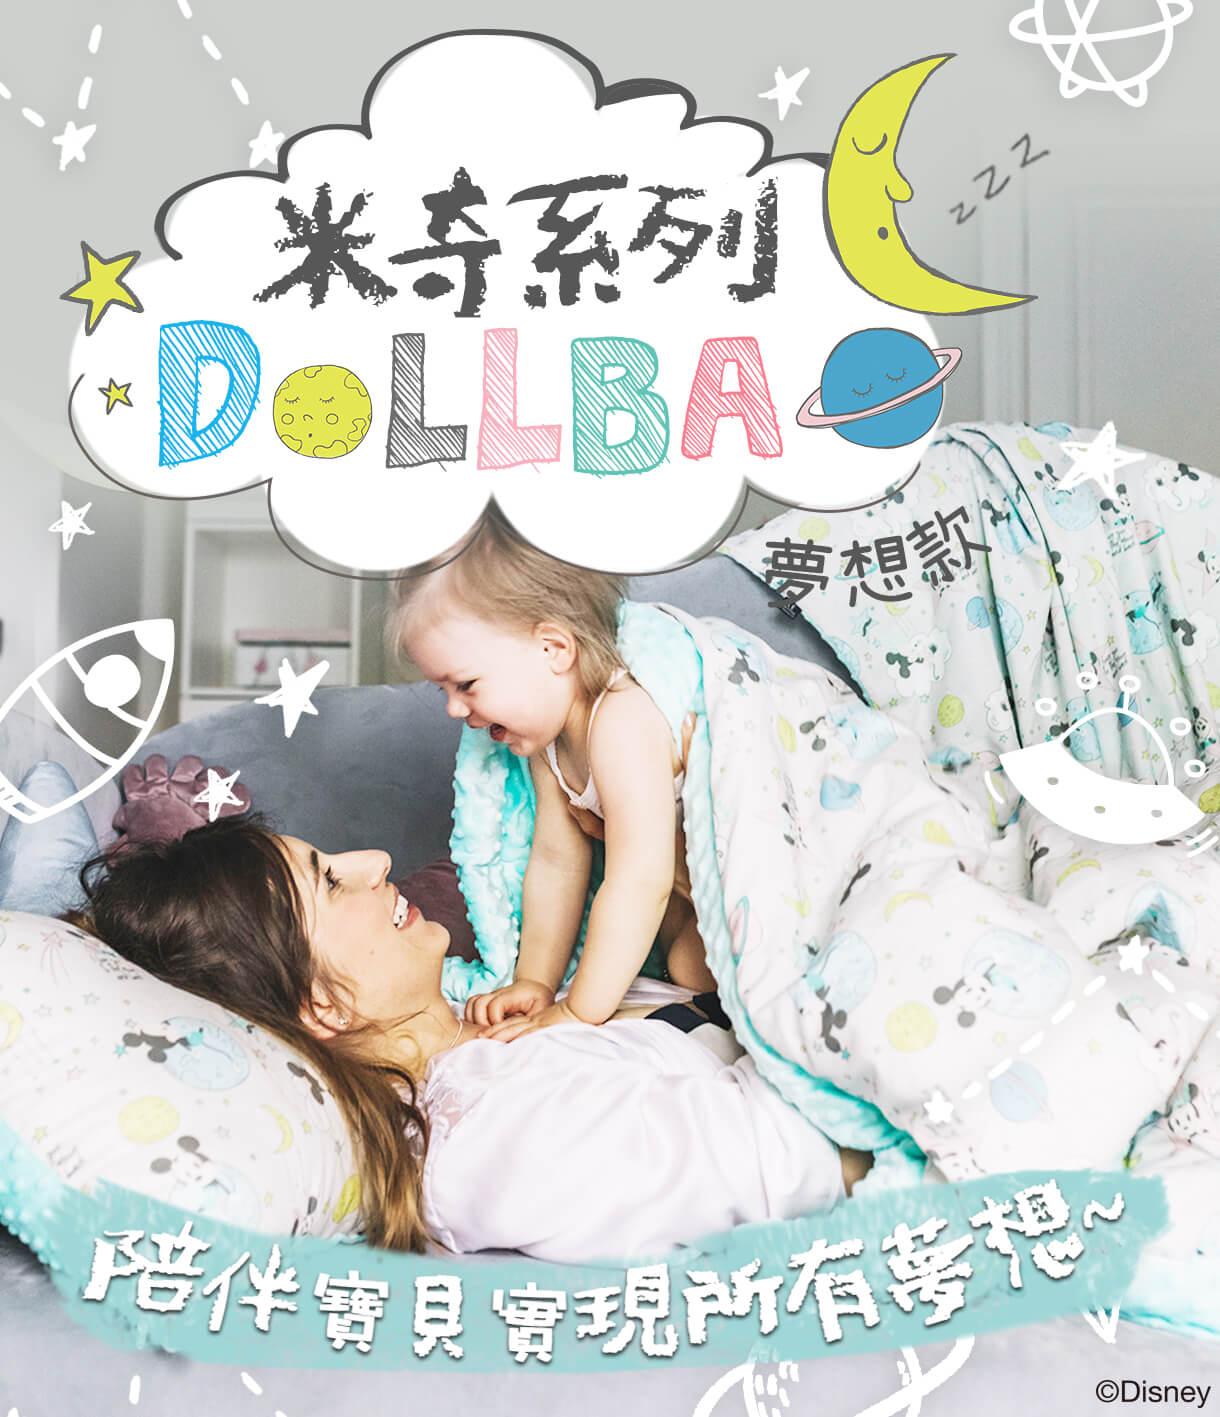 DollBao夢想款全新米奇系列上市!